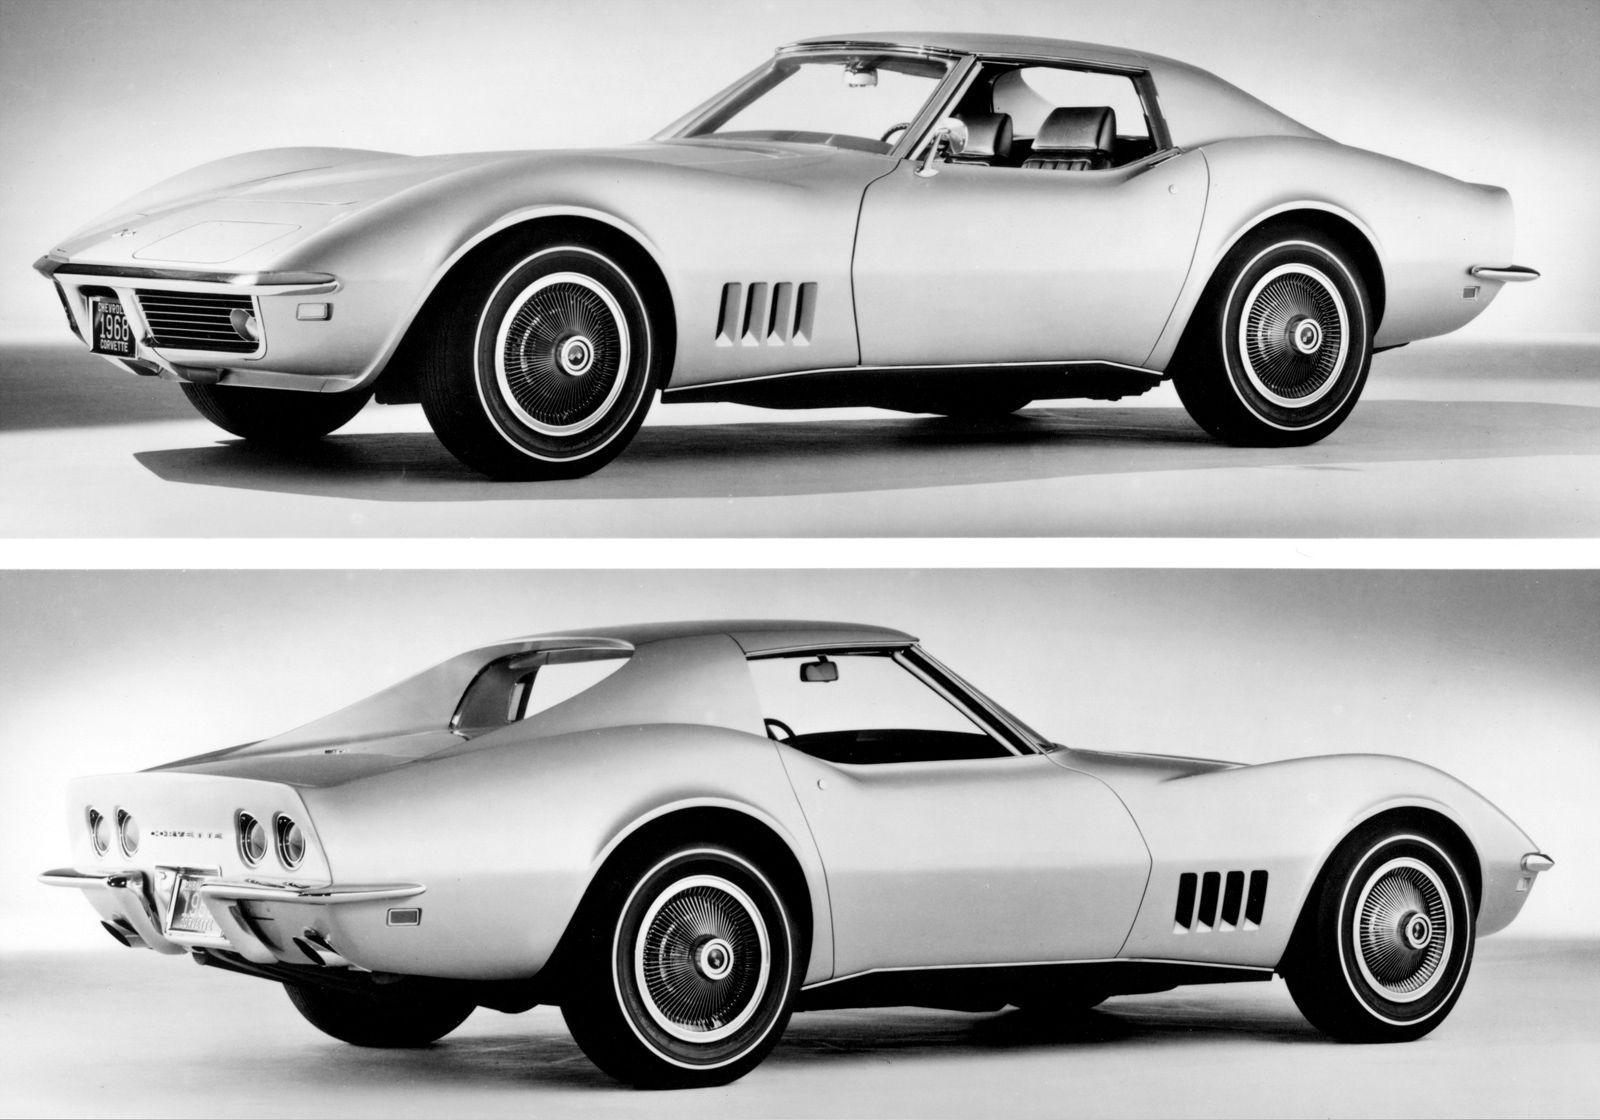 Corvette C3 1968